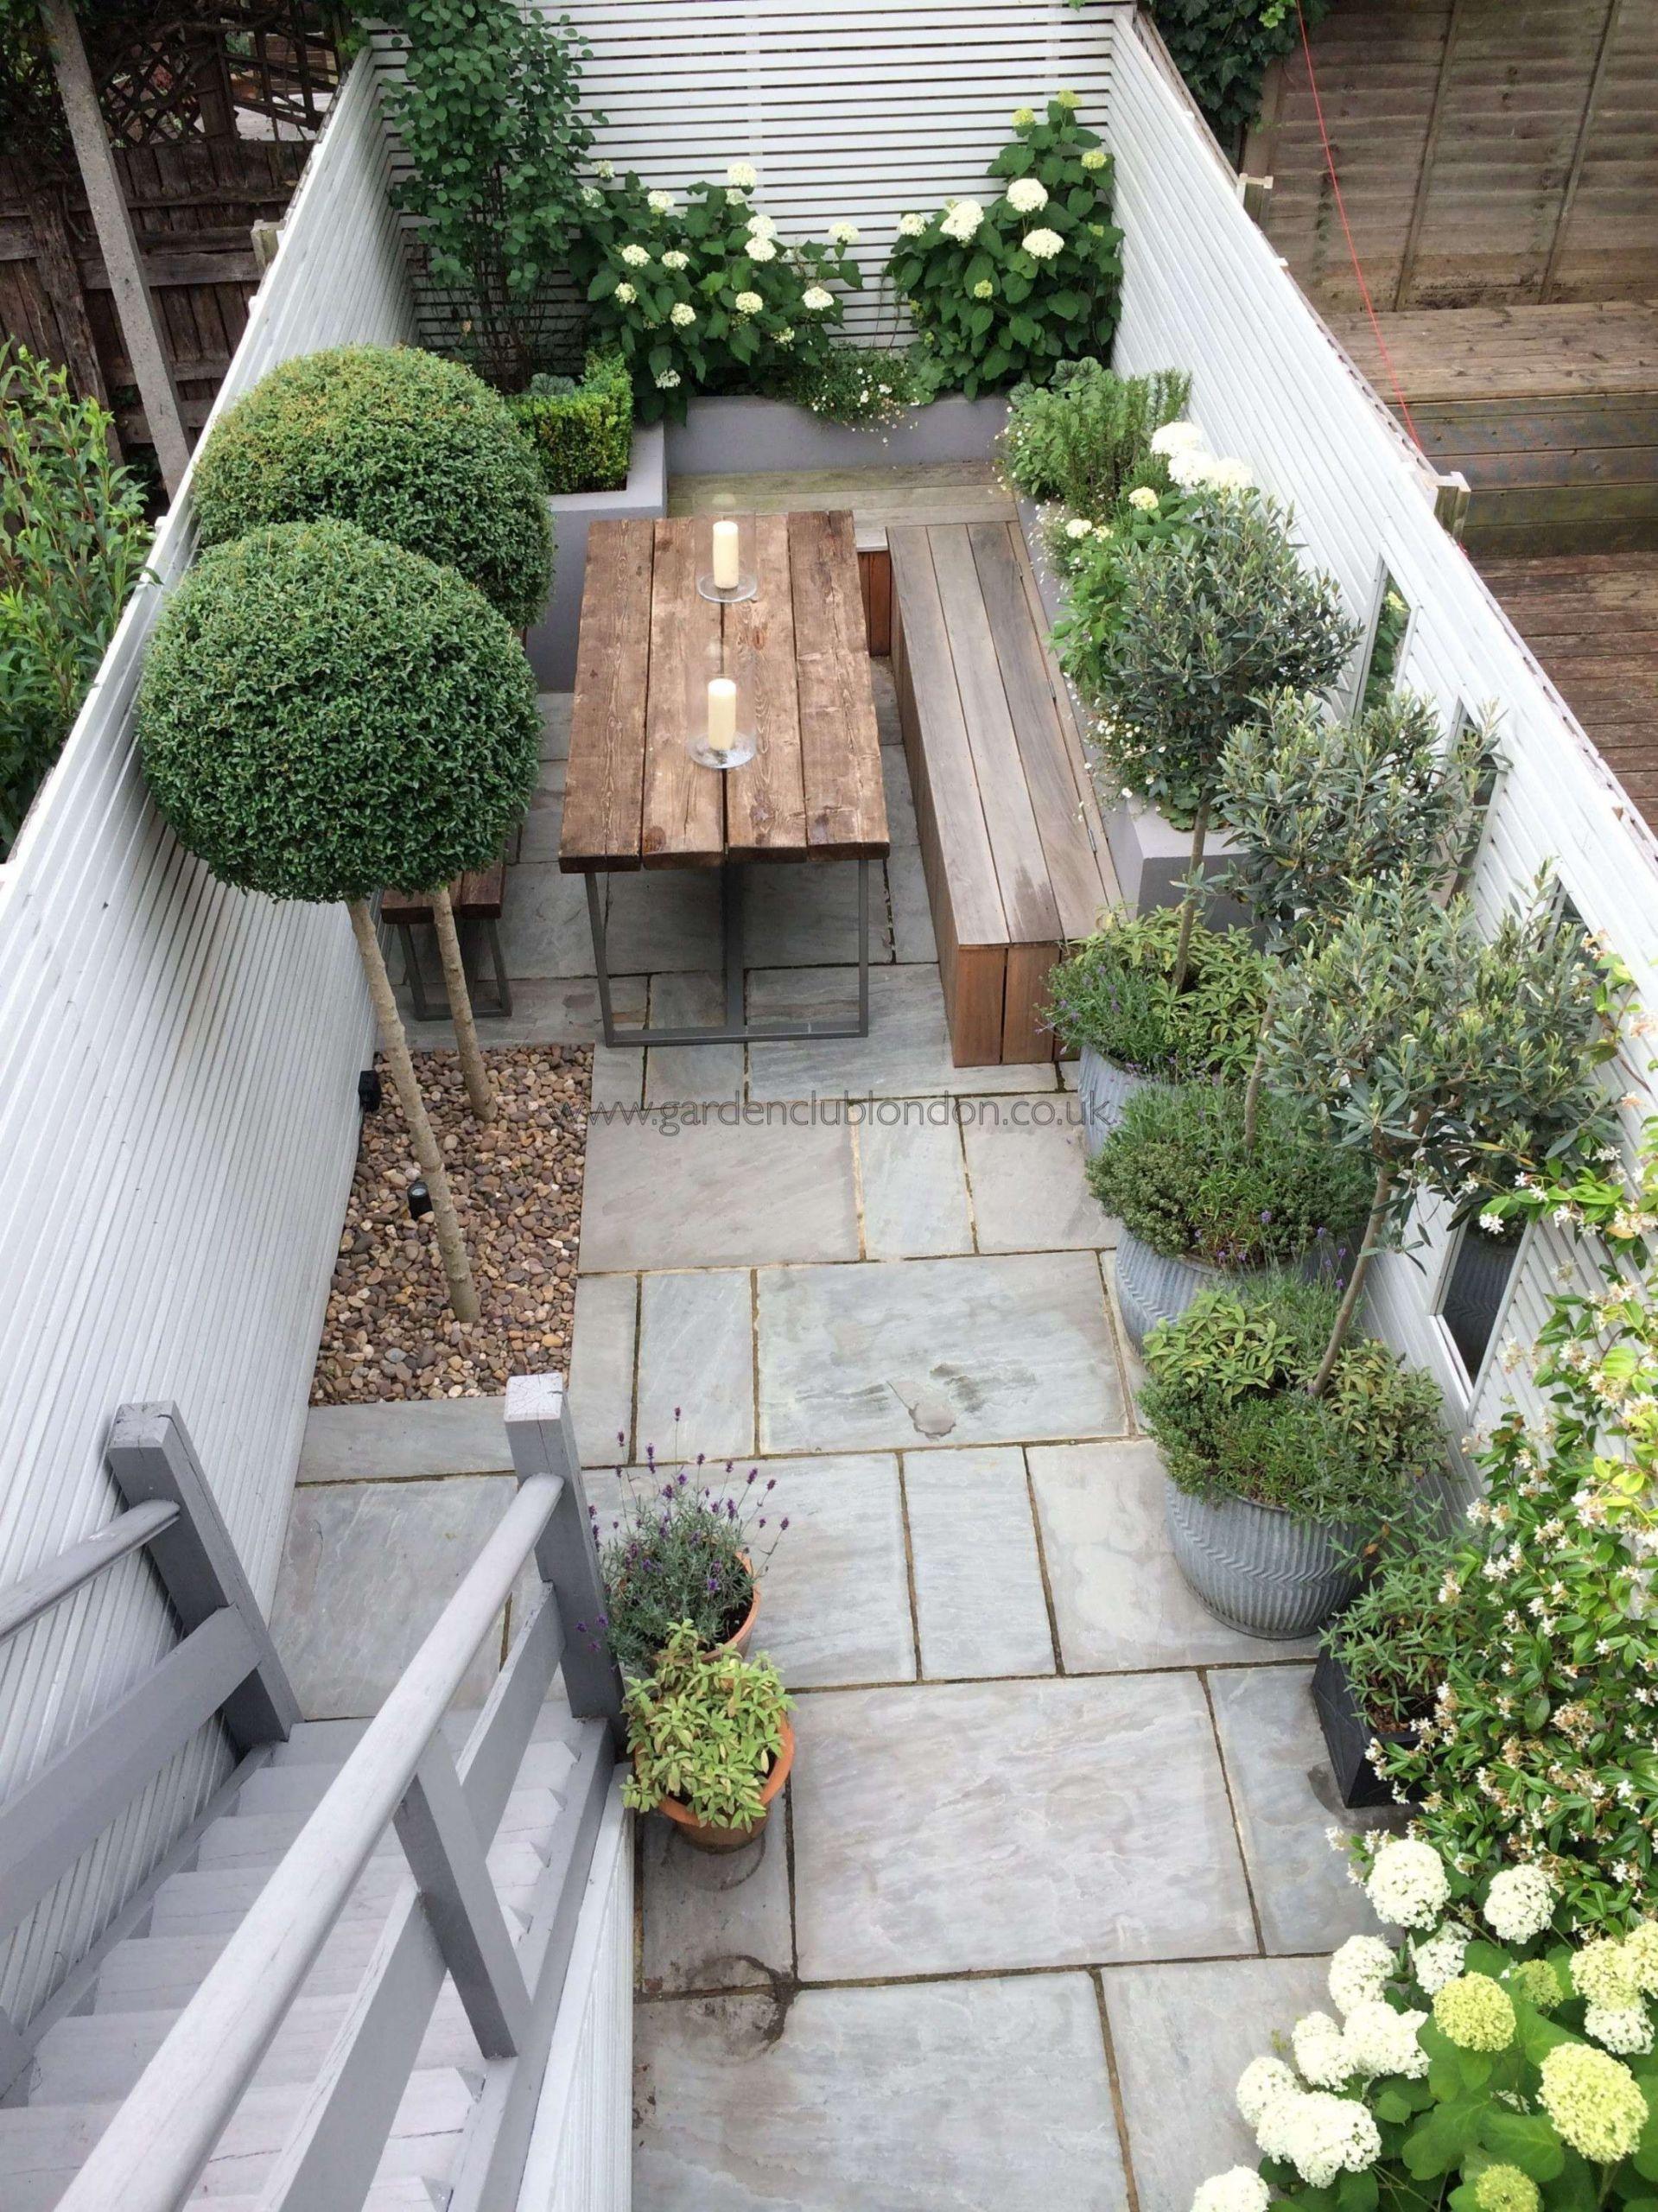 39 Inspirierend Grillplatz Garten Ideen